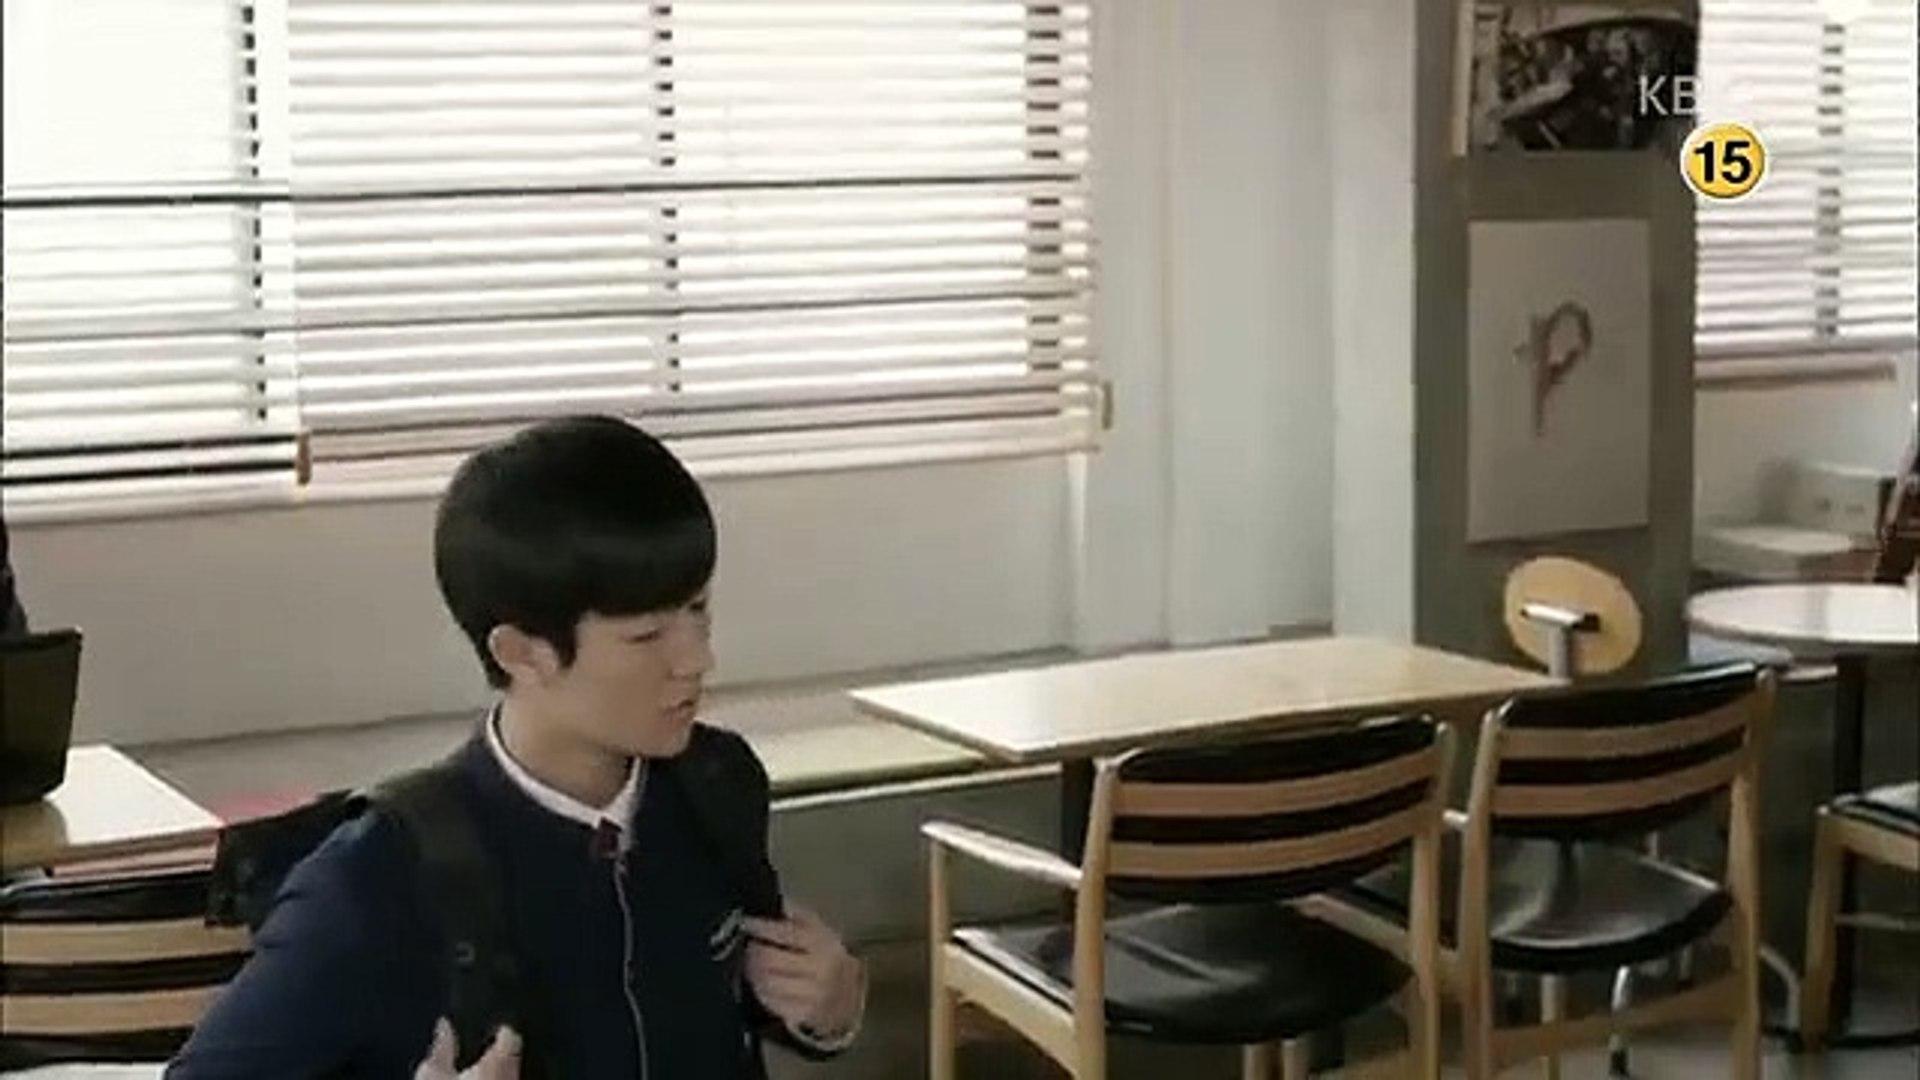 Nhà Không Cần Đàn Ông Tập 4 - HTV2 Lồng Tiếng - Phim Hàn Quốc - Phim nha khong can dan ong tap 5 - P